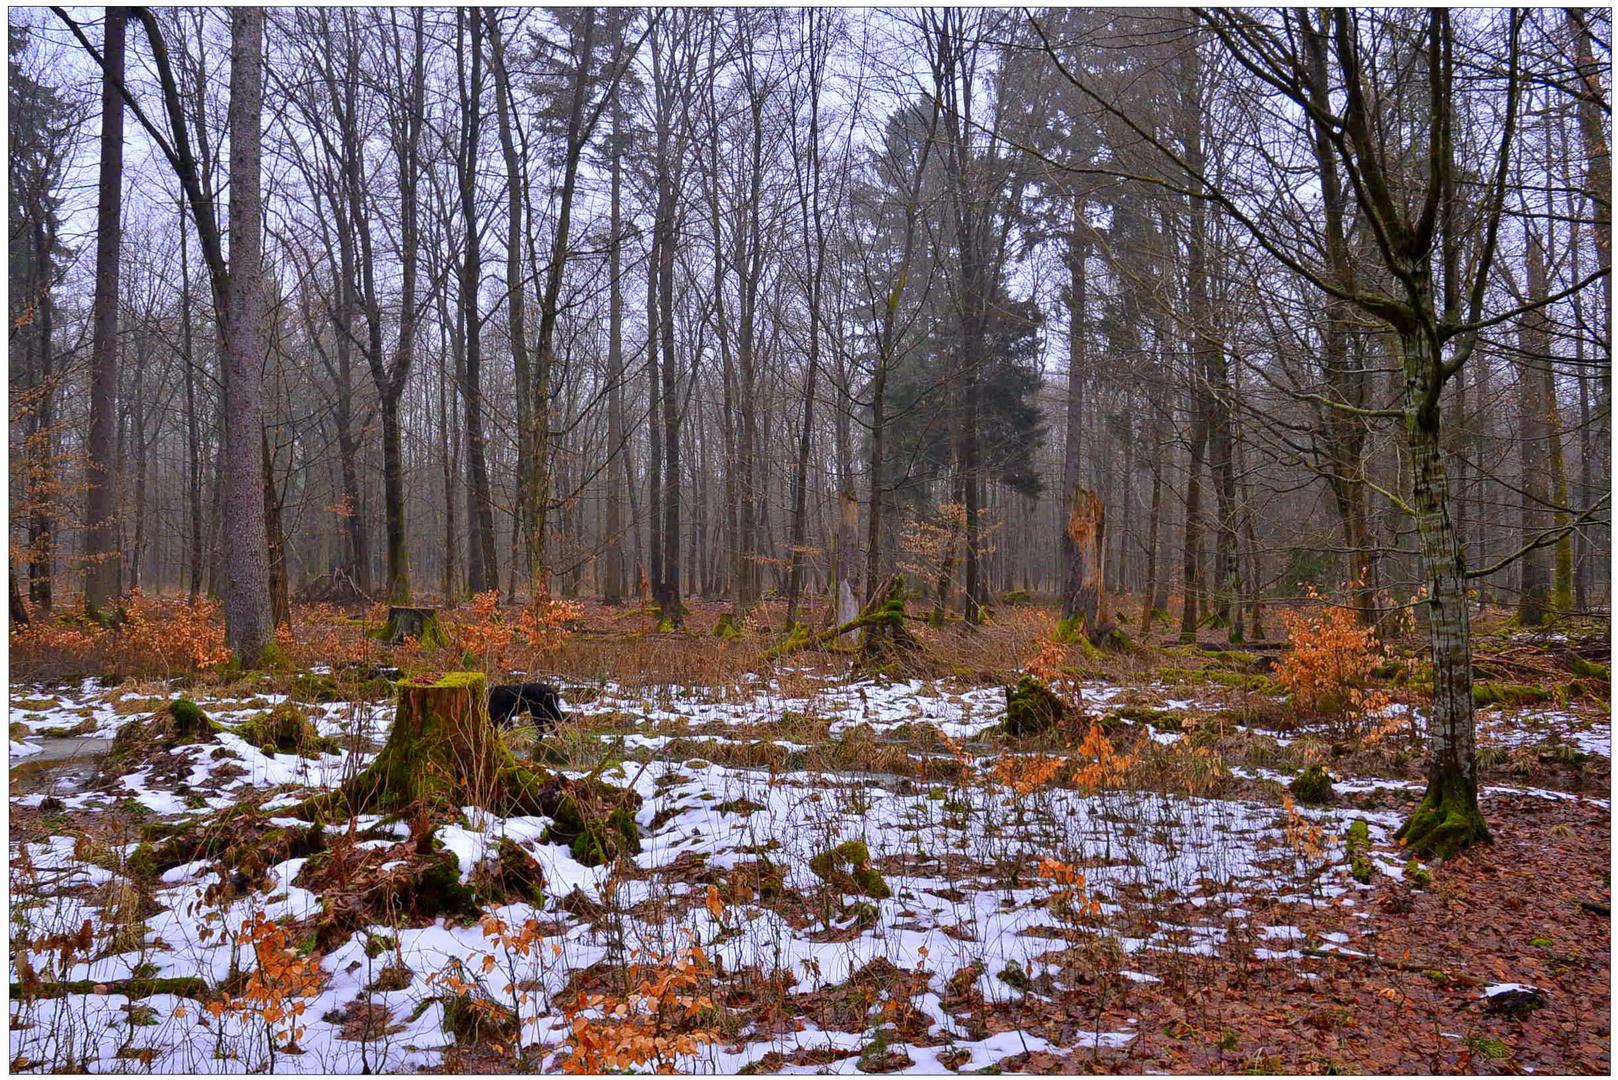 la última nieve en el bosque IV (der letzte Schnee im Wald IV)